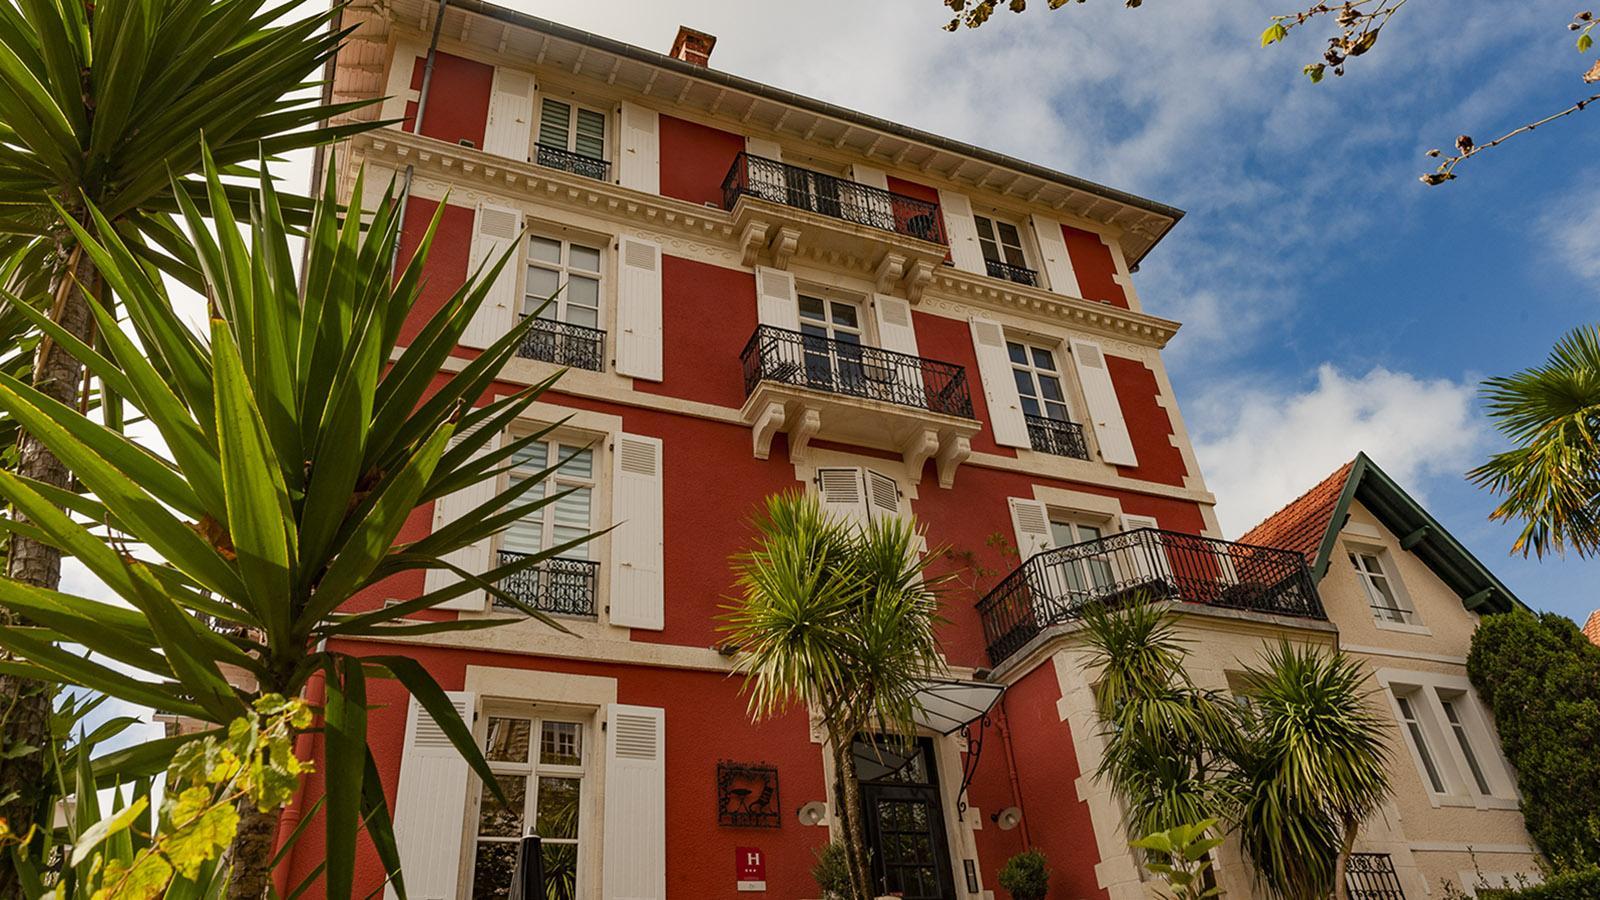 Das Boutiquehotel Maison du Lierre von Biarritz. Foto: Hilke Maunder